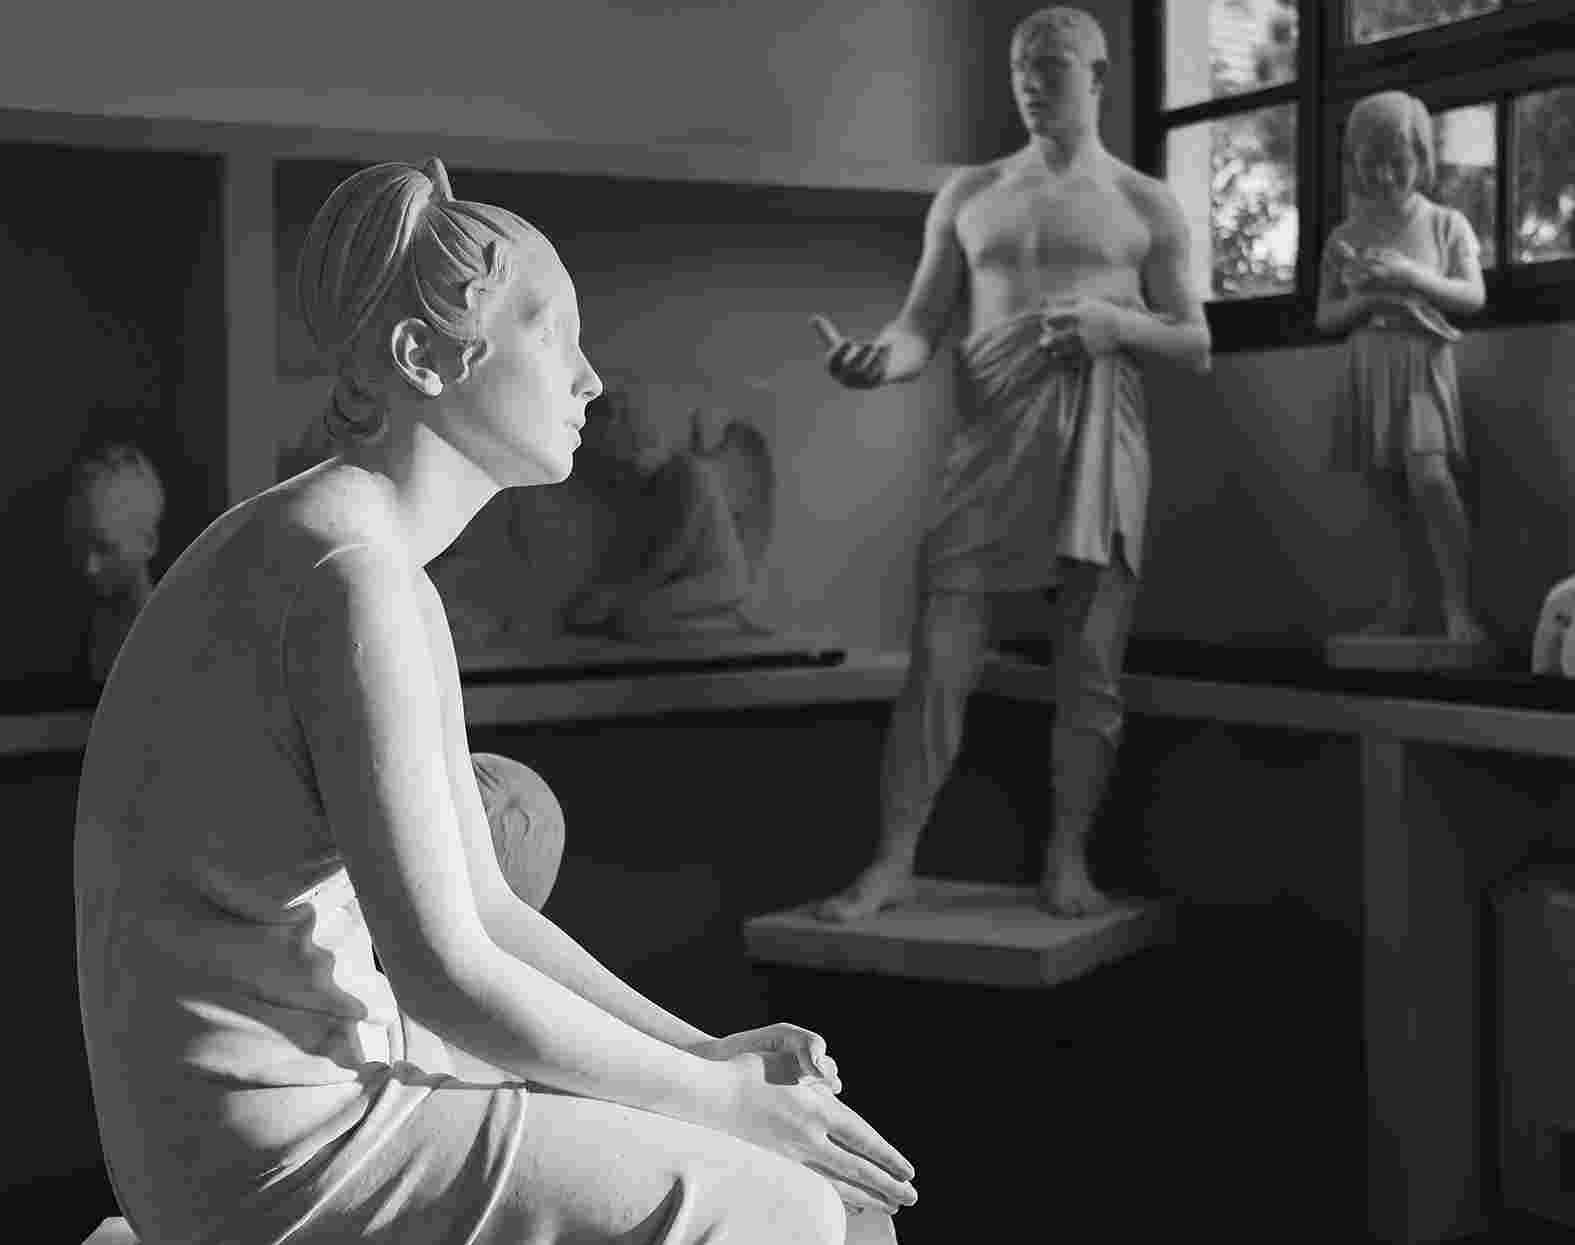 Giuseppe Mozzanica. La scultura.